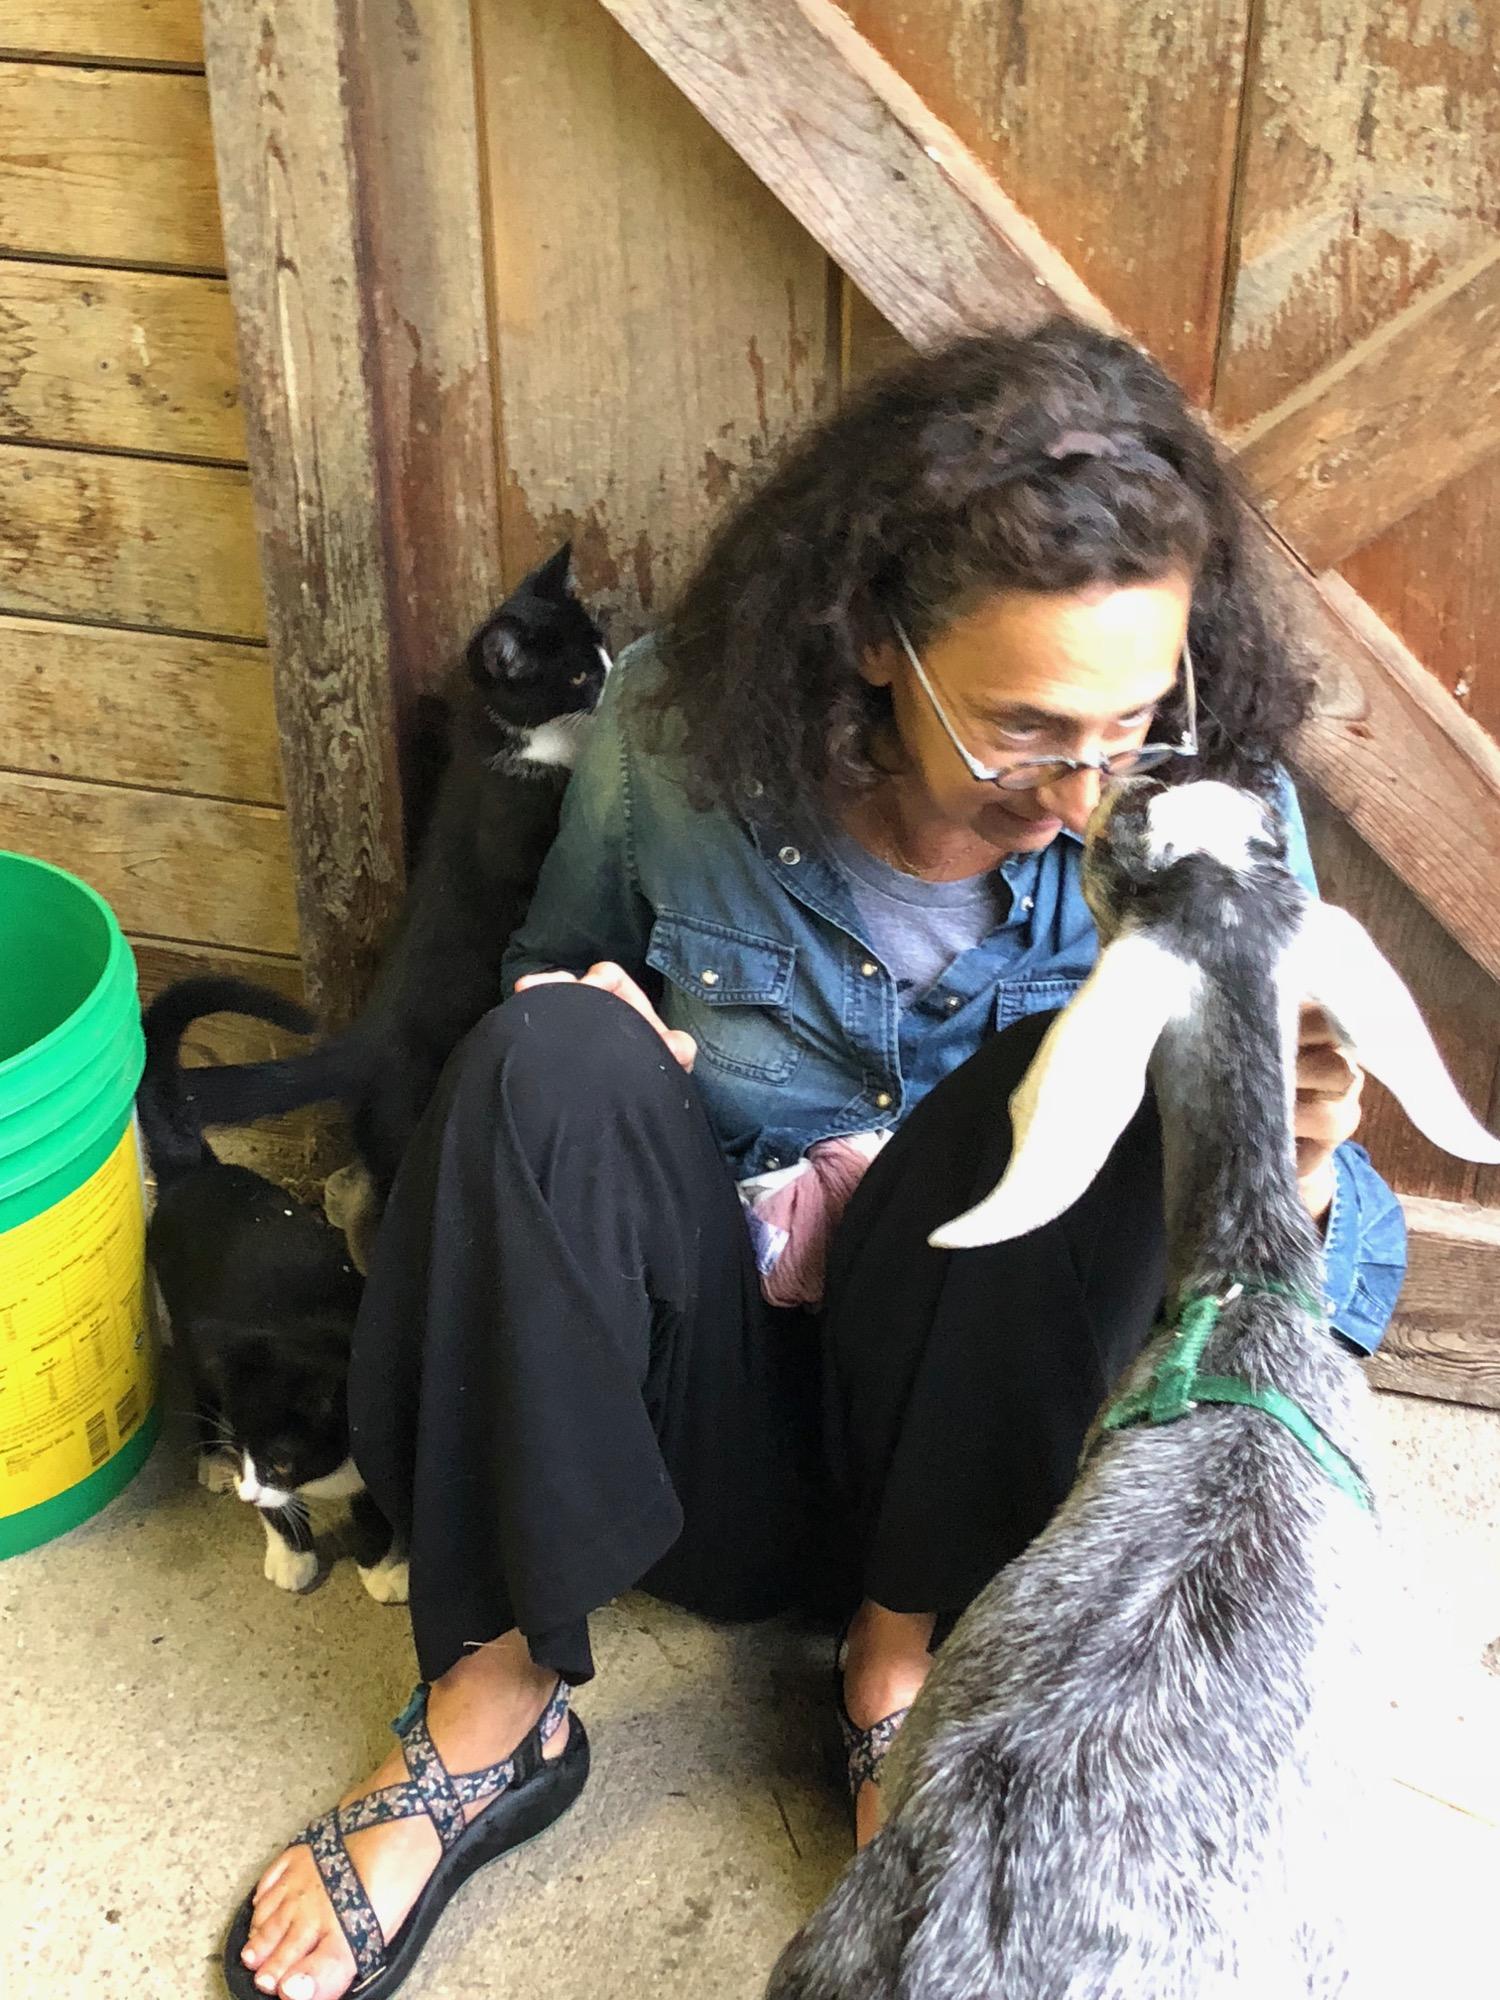 guest-kittens-goat.jpg